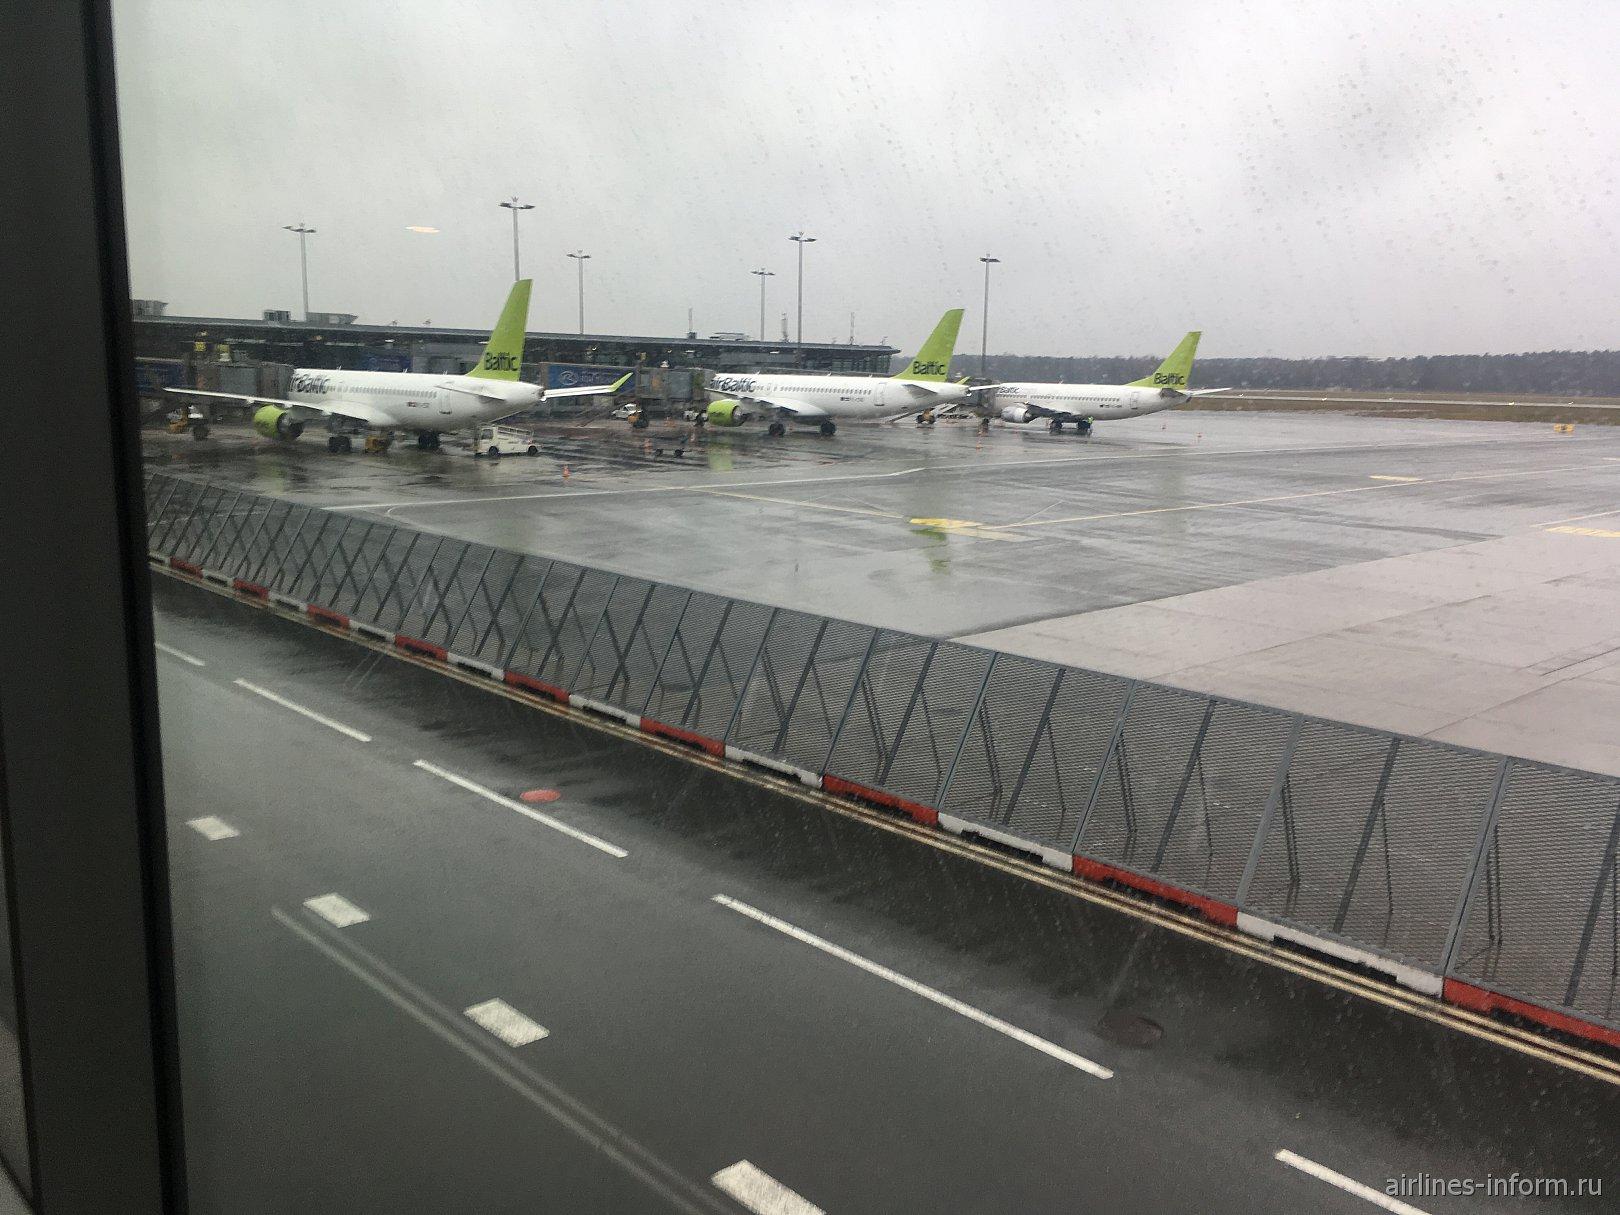 Путешествие в Лапландию часть 2 -  Рига (RIX) - Хельсинки (HEL) c Air Baltic на Б737-300 (YL-BBS) + предрождественский Хельсинки